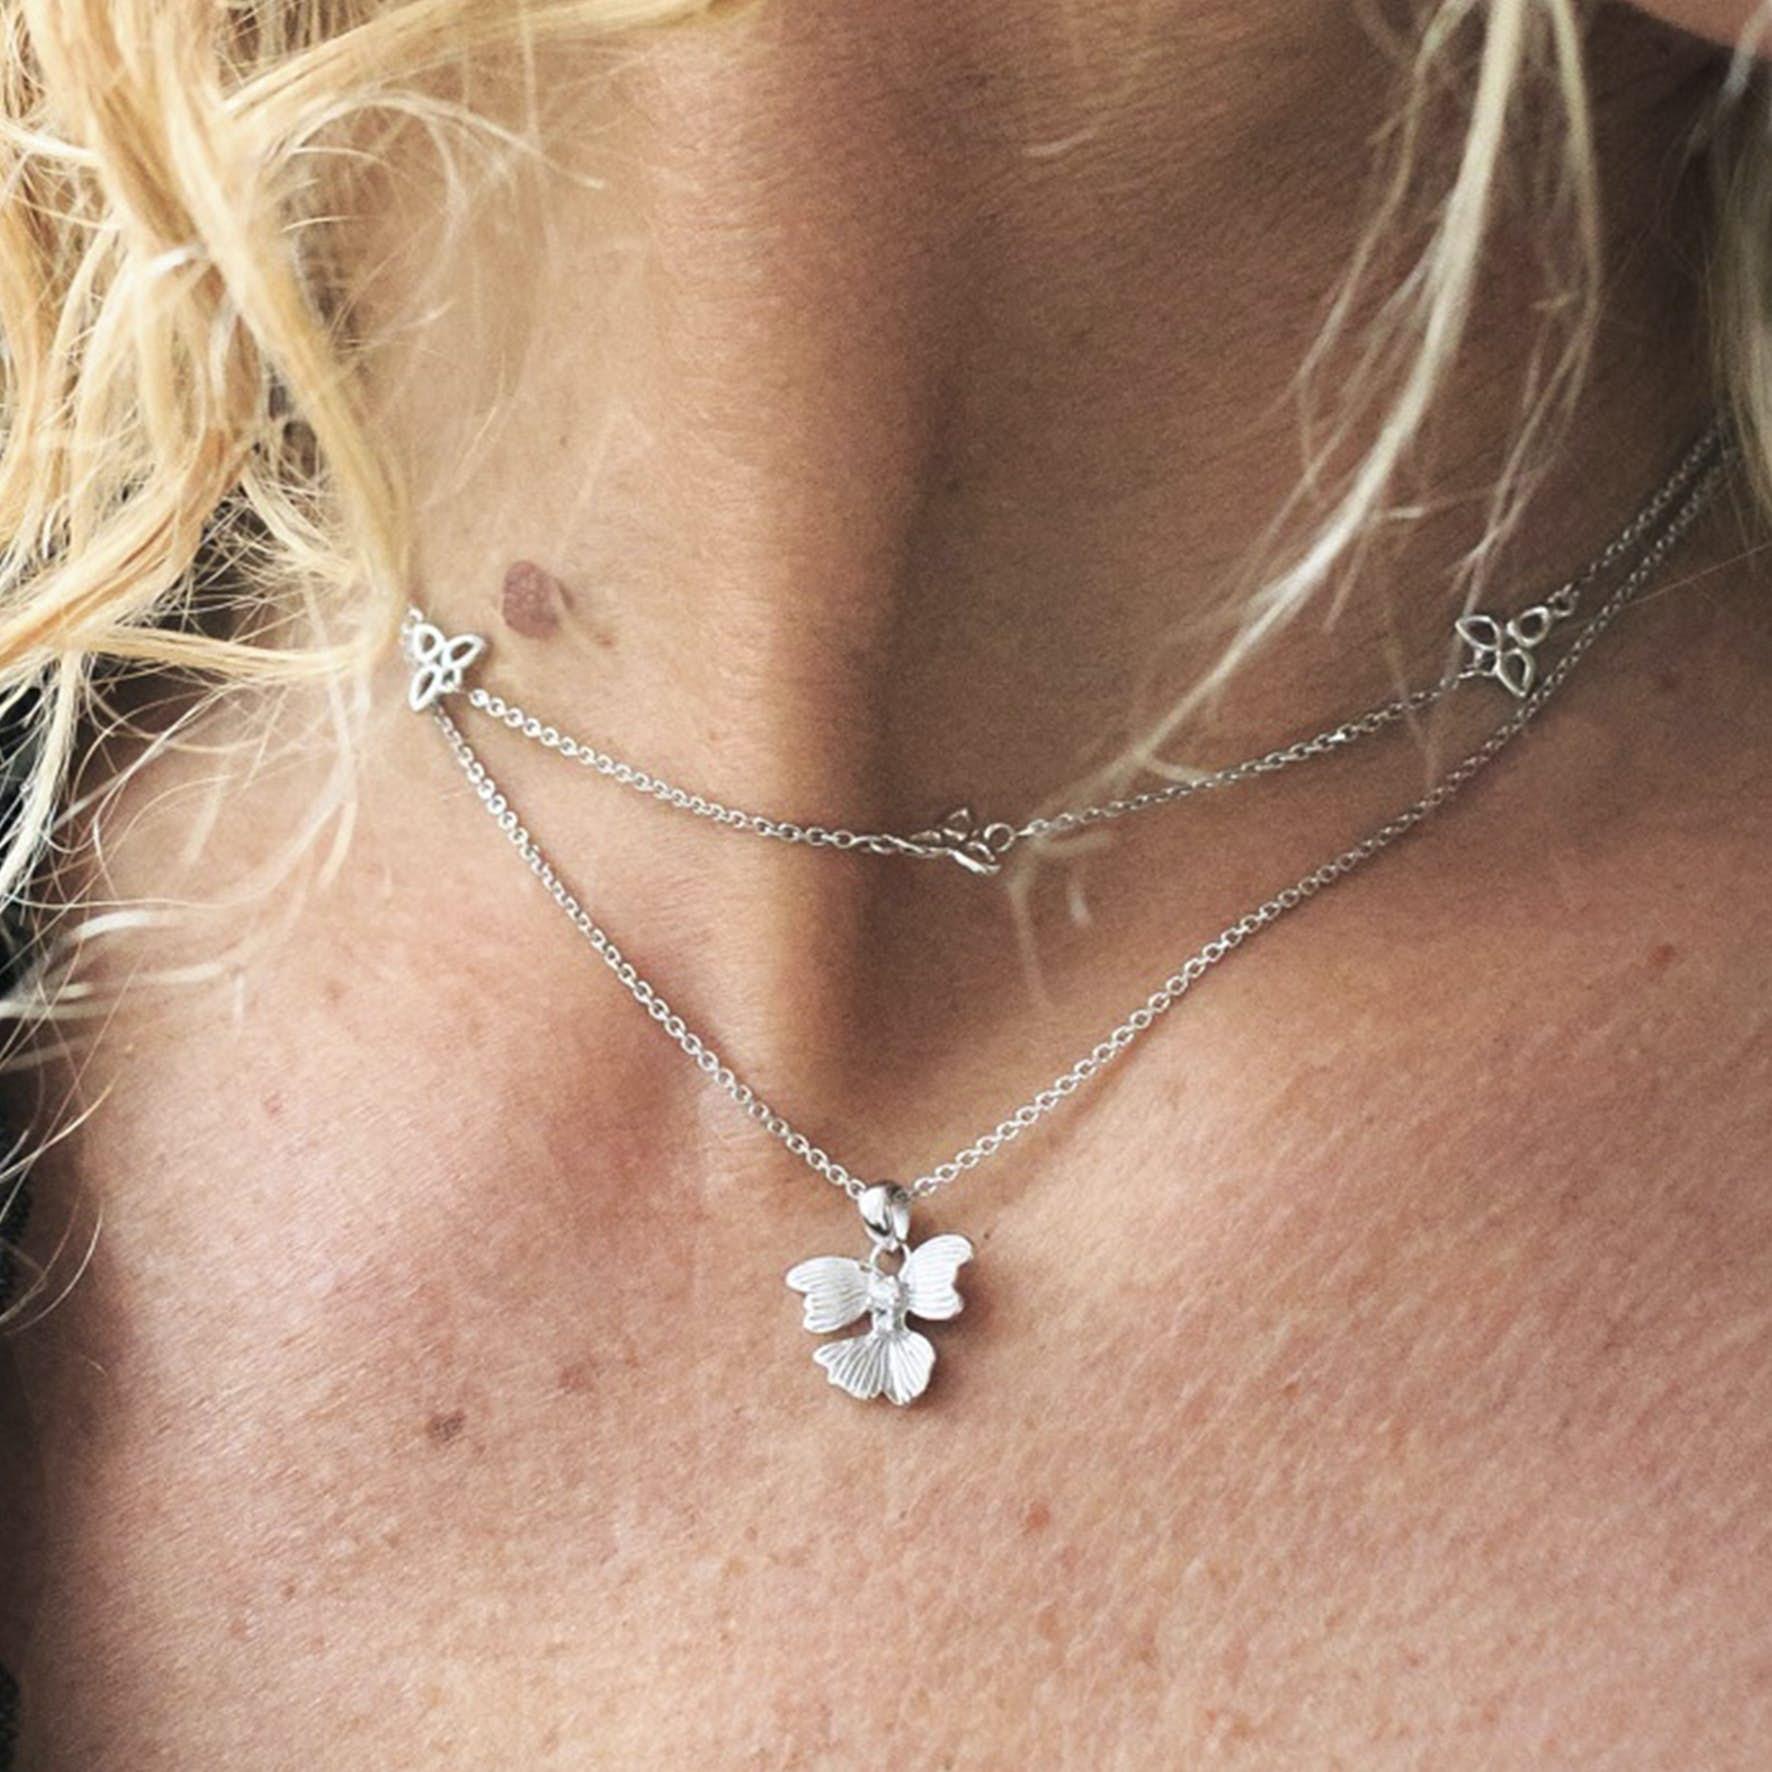 Violet Necklace von Izabel Camille in Silber Sterling 925